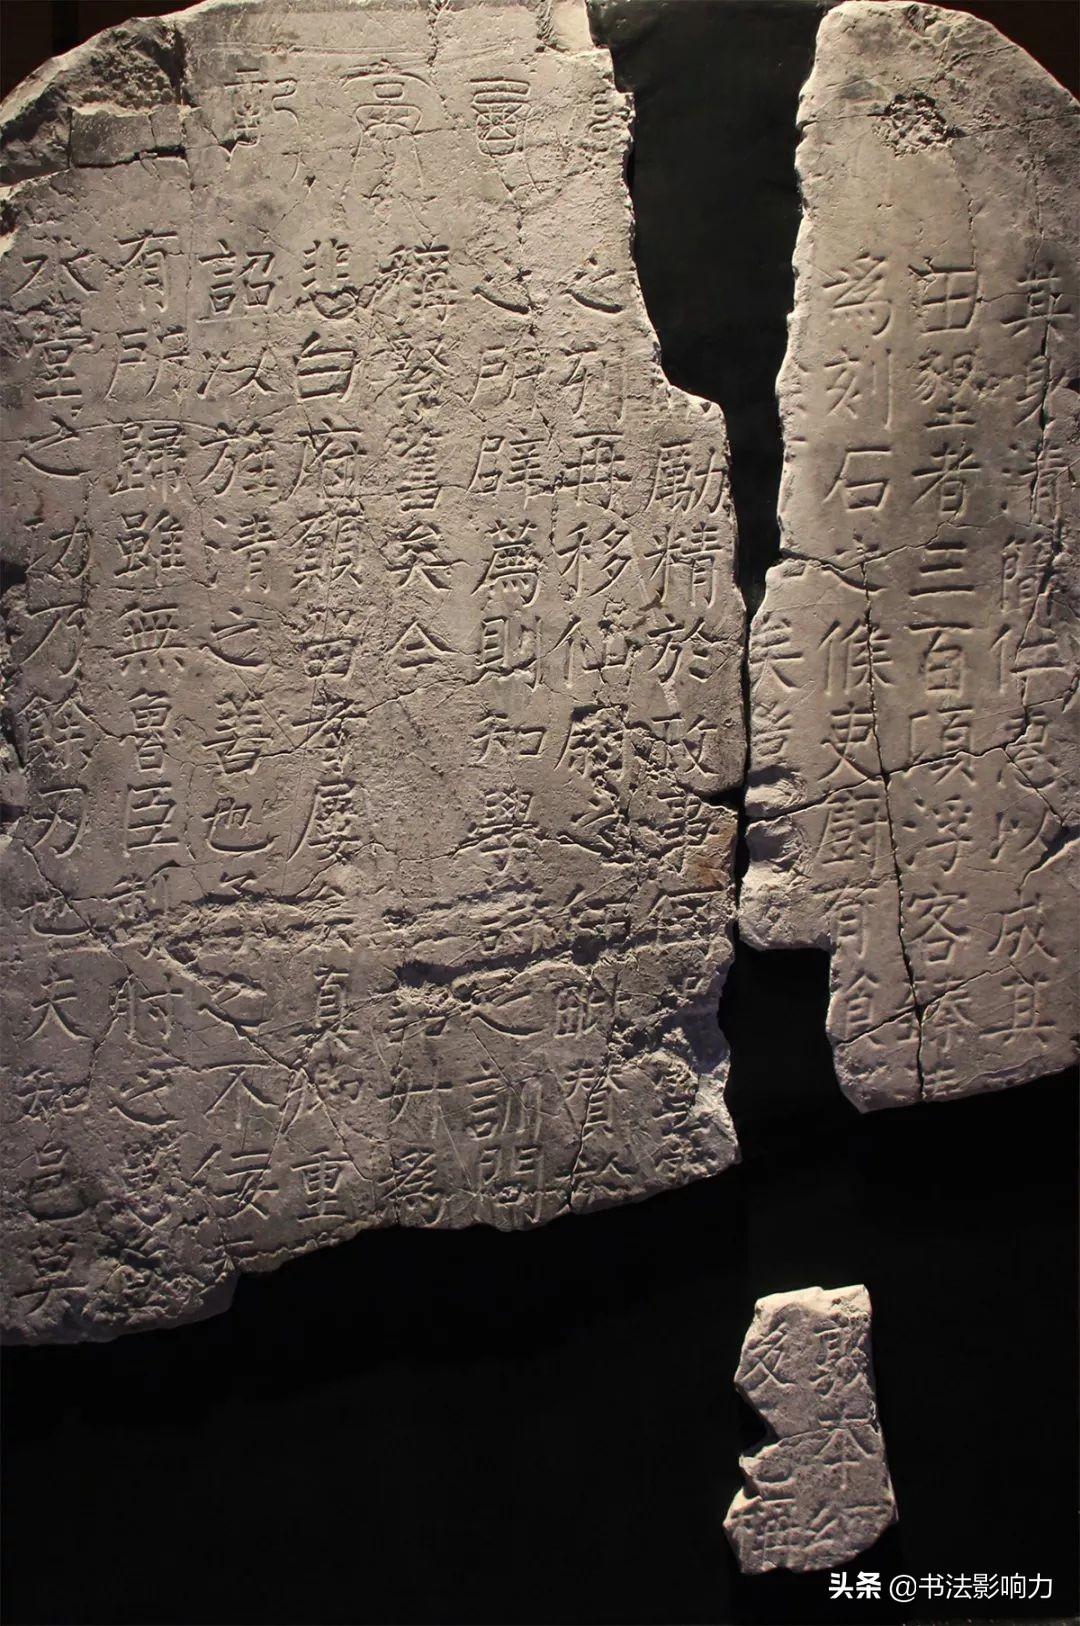 颜真卿楷书又一残碑被发现,已经公开面世